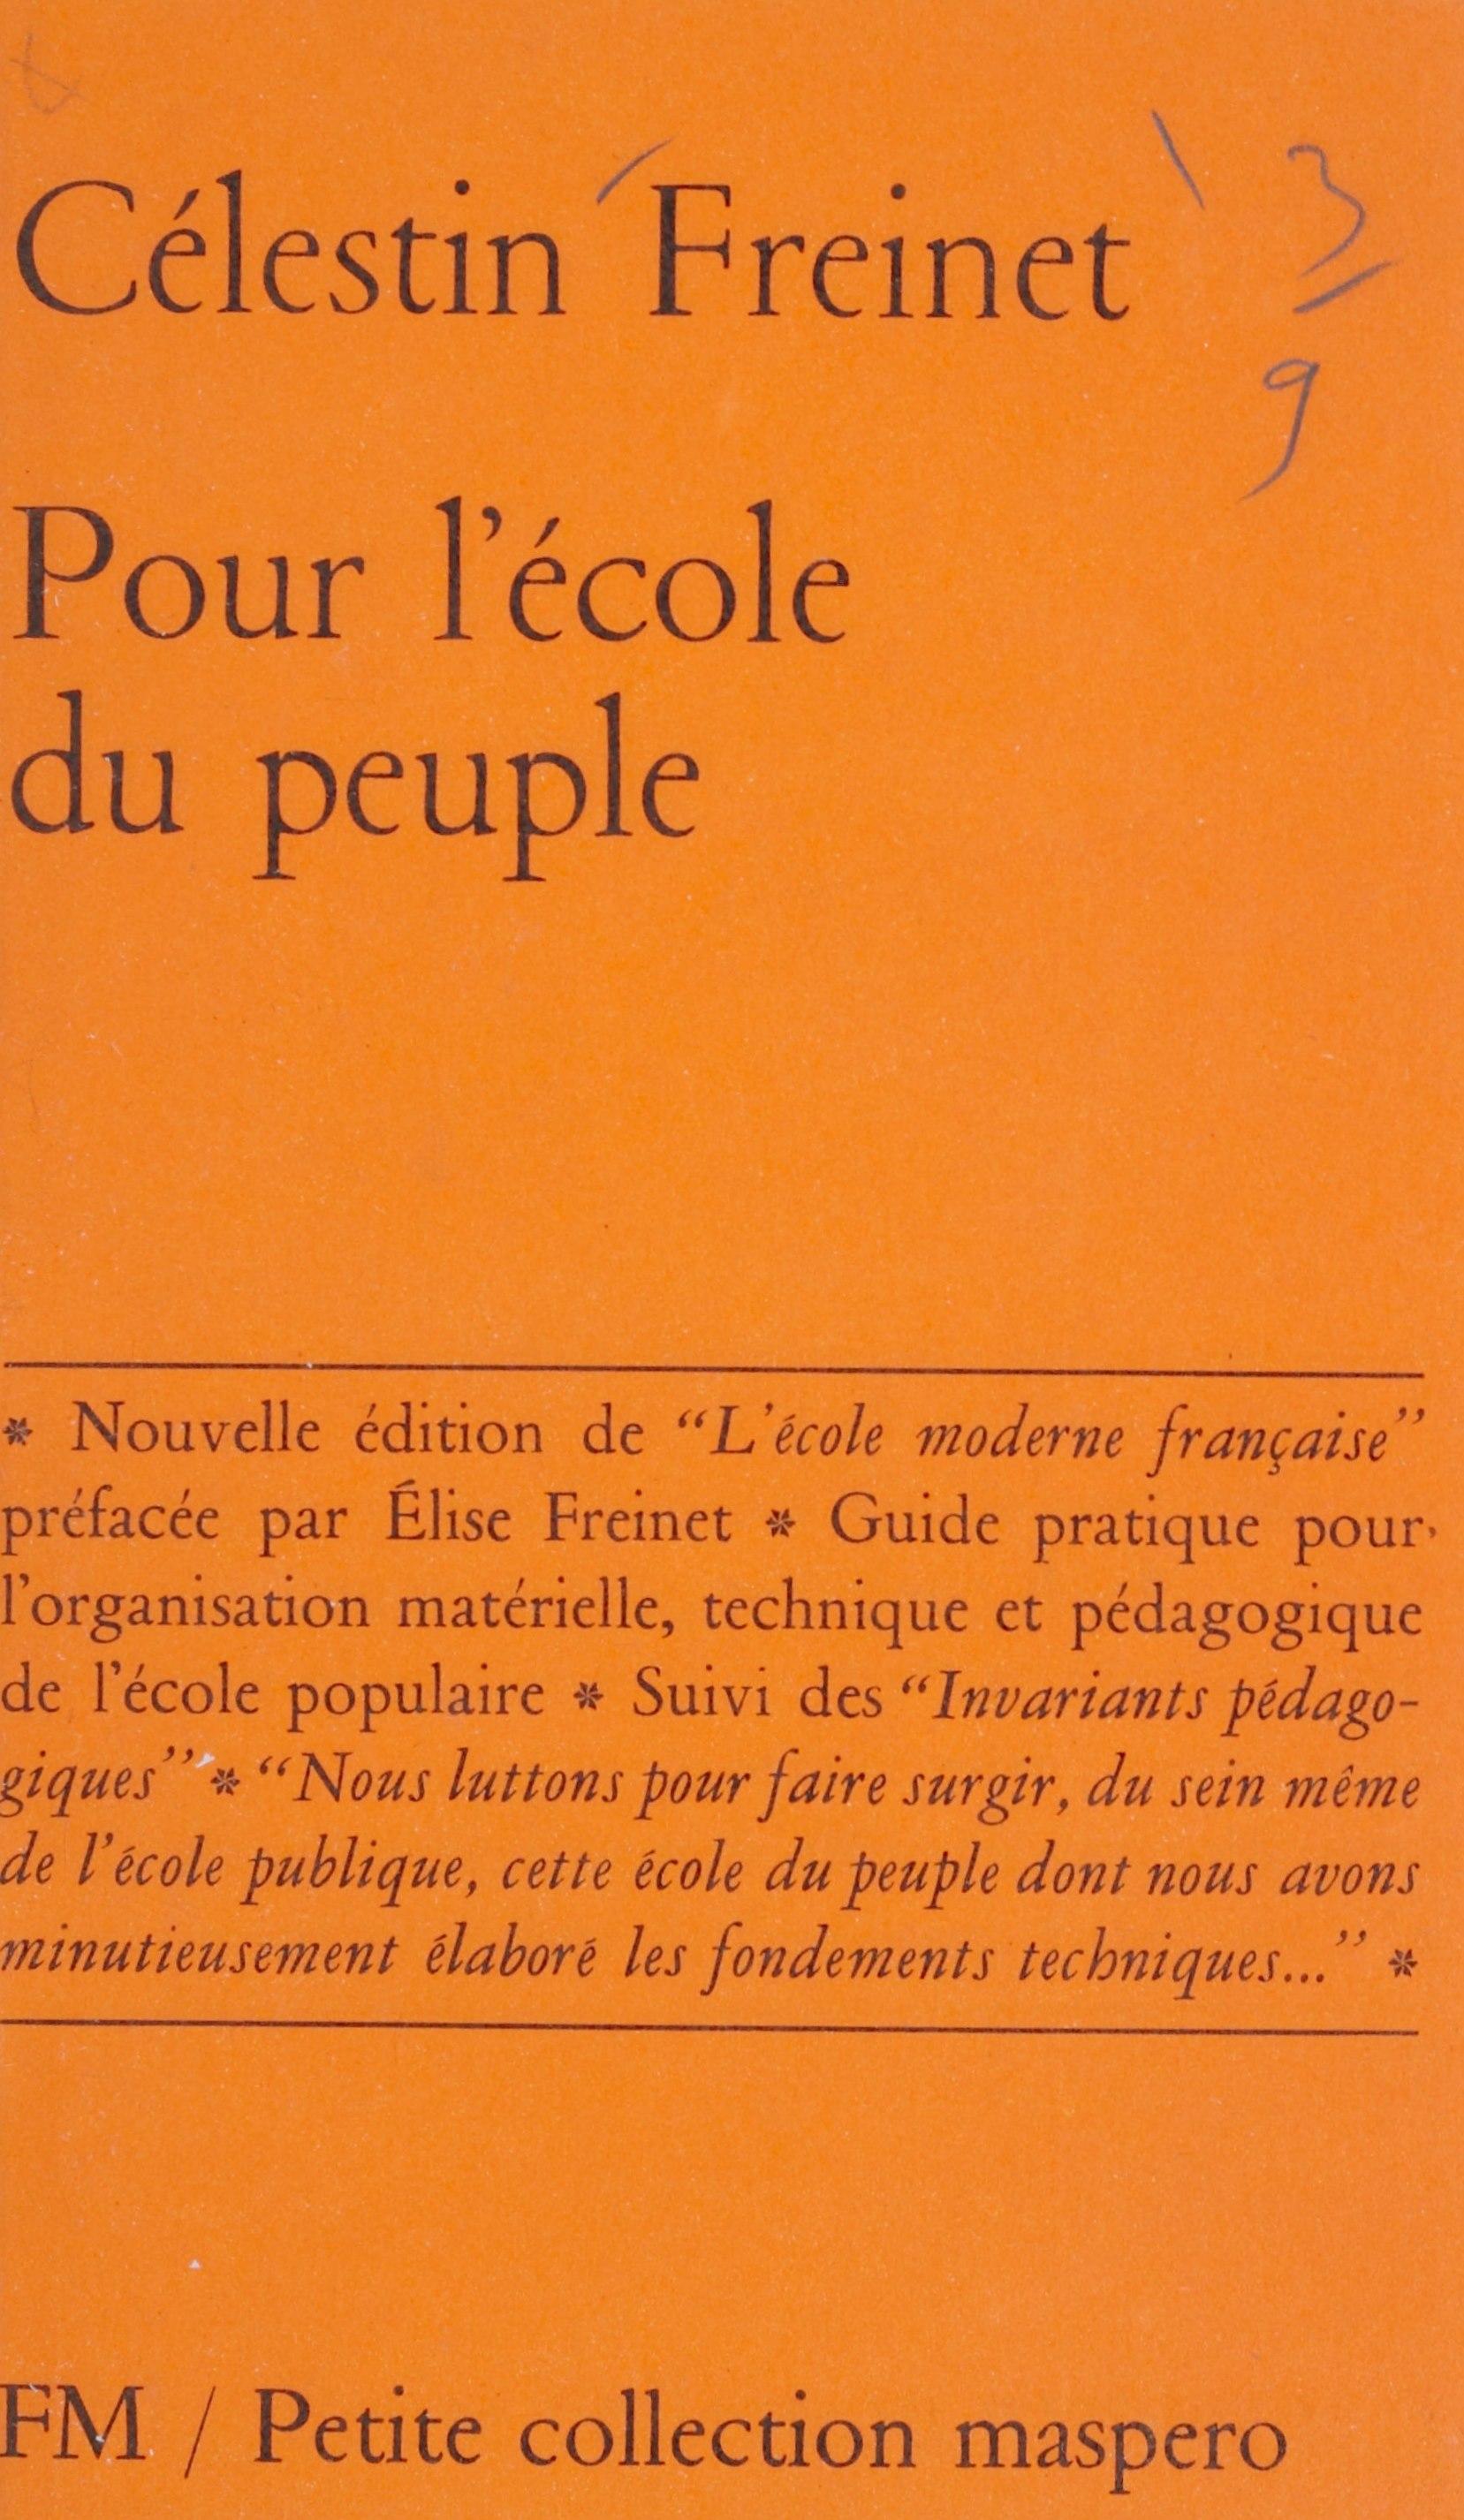 Pour l'école du peuple, GUIDE PRATIQUE POUR L'ORGANISATION MATÉRIELLE, TECHNIQUE ET PÉDAGOGIQUE DE L'ÉCOLE POPULAIRE